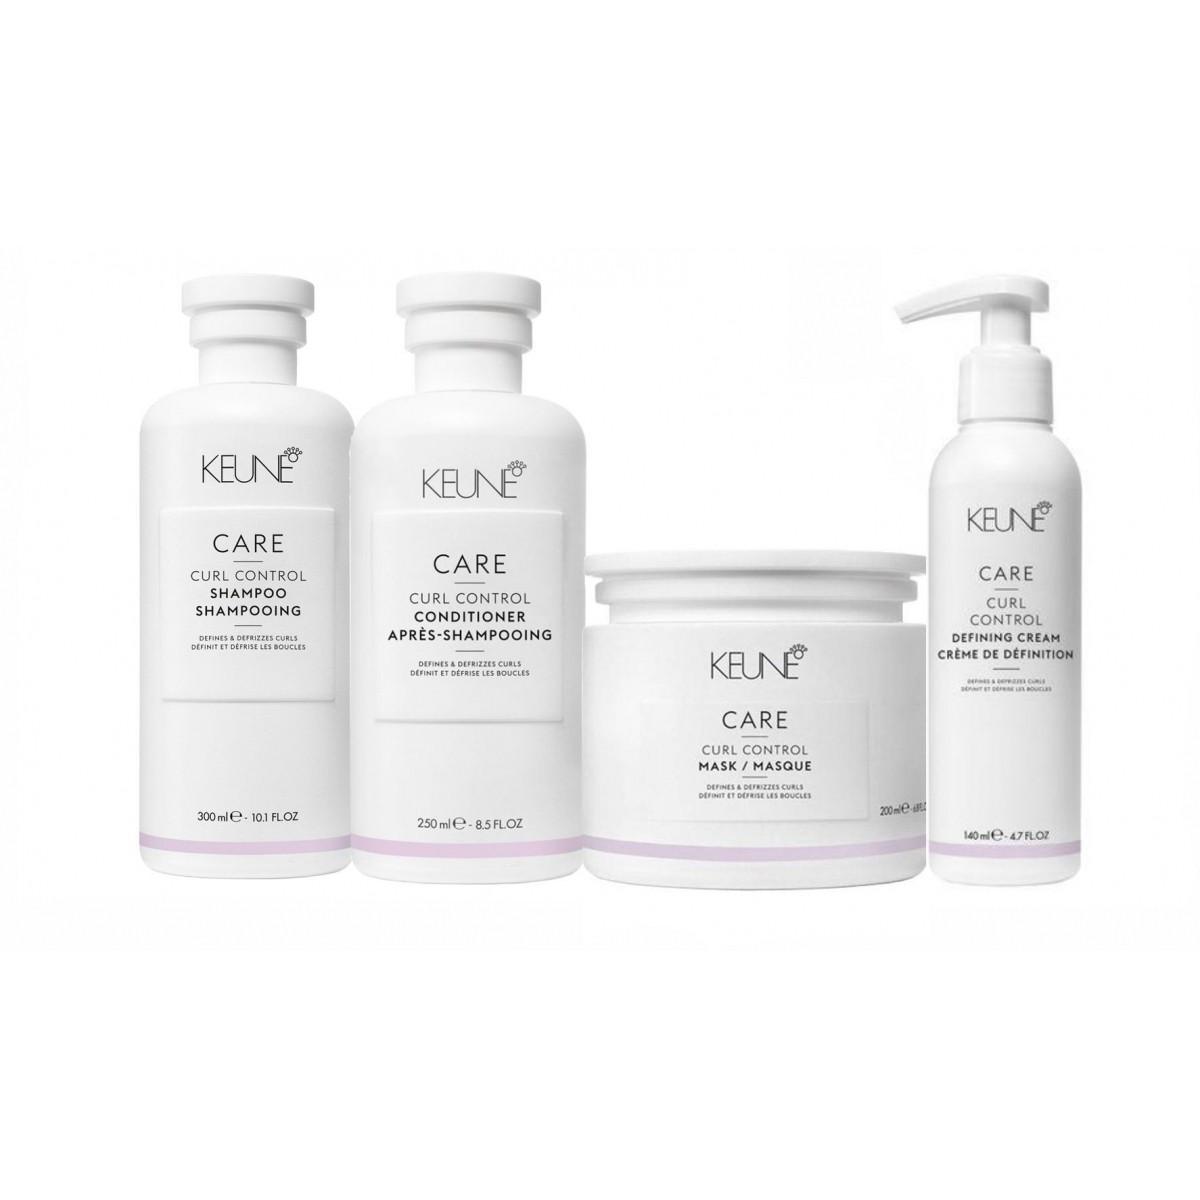 Kit Keune Curl Control Care